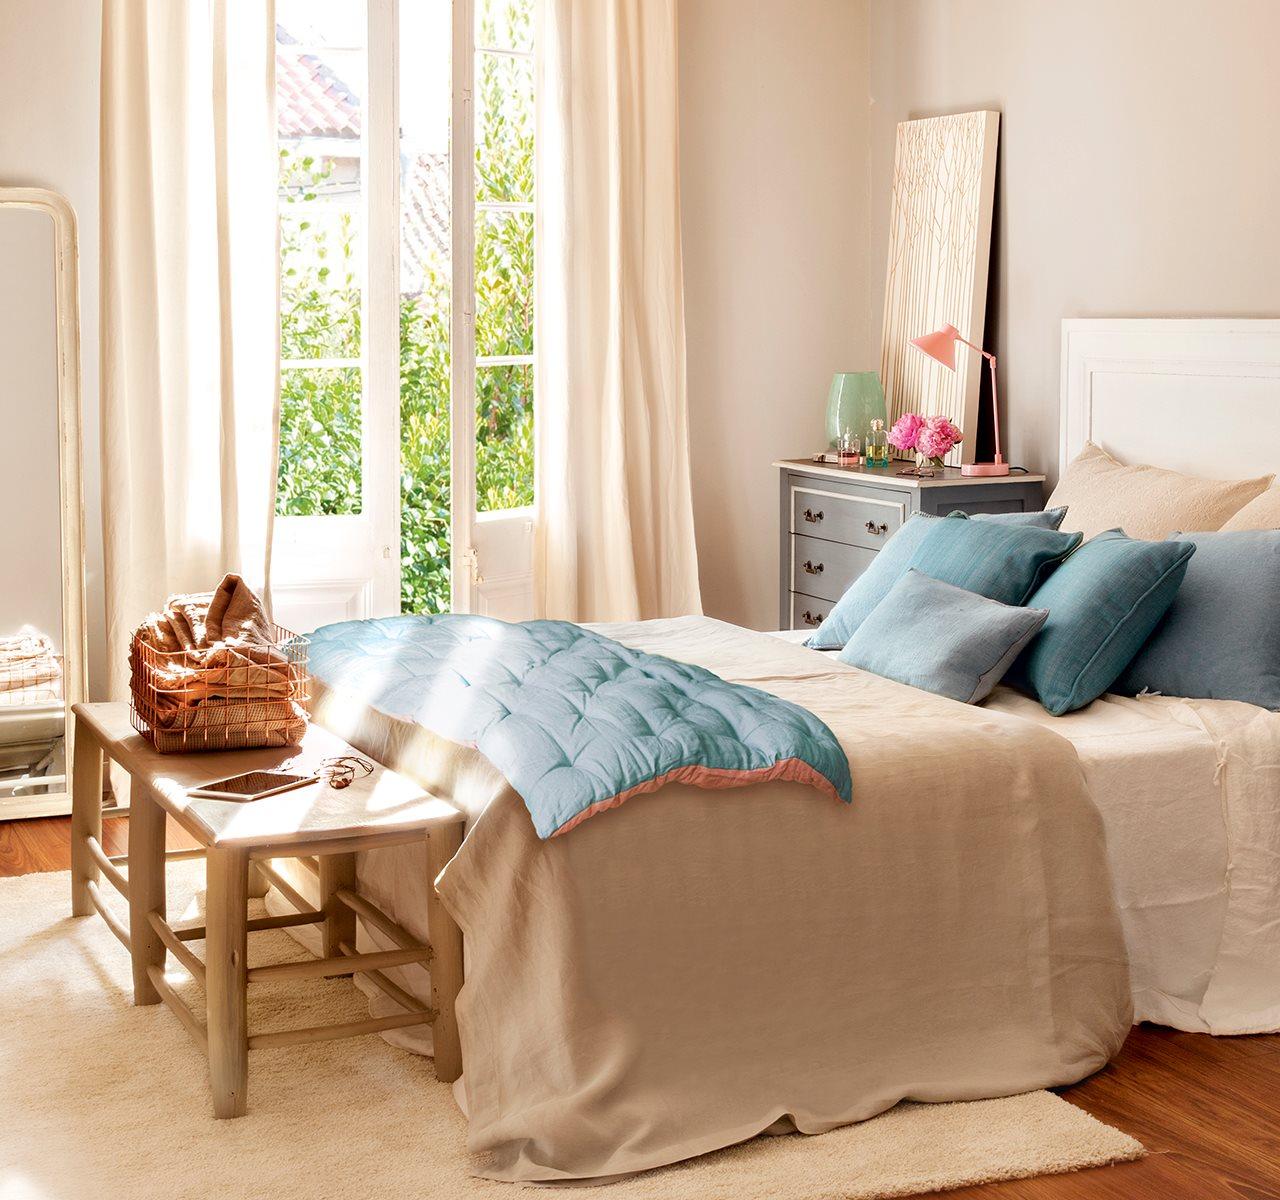 Un dormitorio con cinco estilos diferentes cu l te gusta for Cual es la cama mas grande